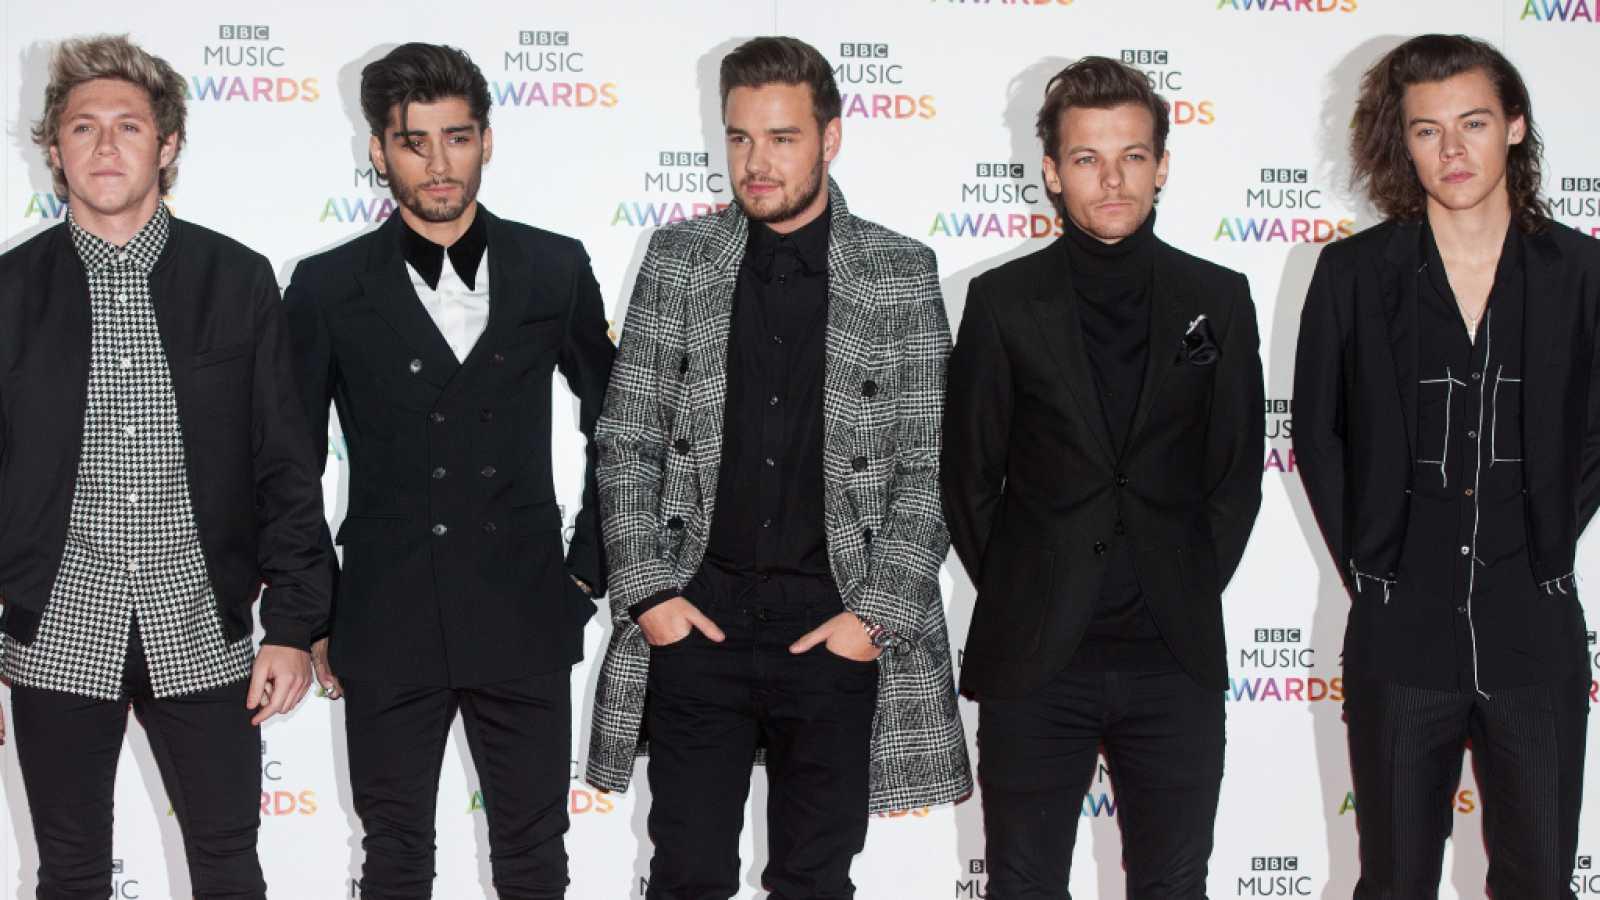 ¿Qué ha sido de Zayn Malik, Harry Styles, Louis Tomlinson, Liam Payne y Niall Horan tras el fin de la banda?